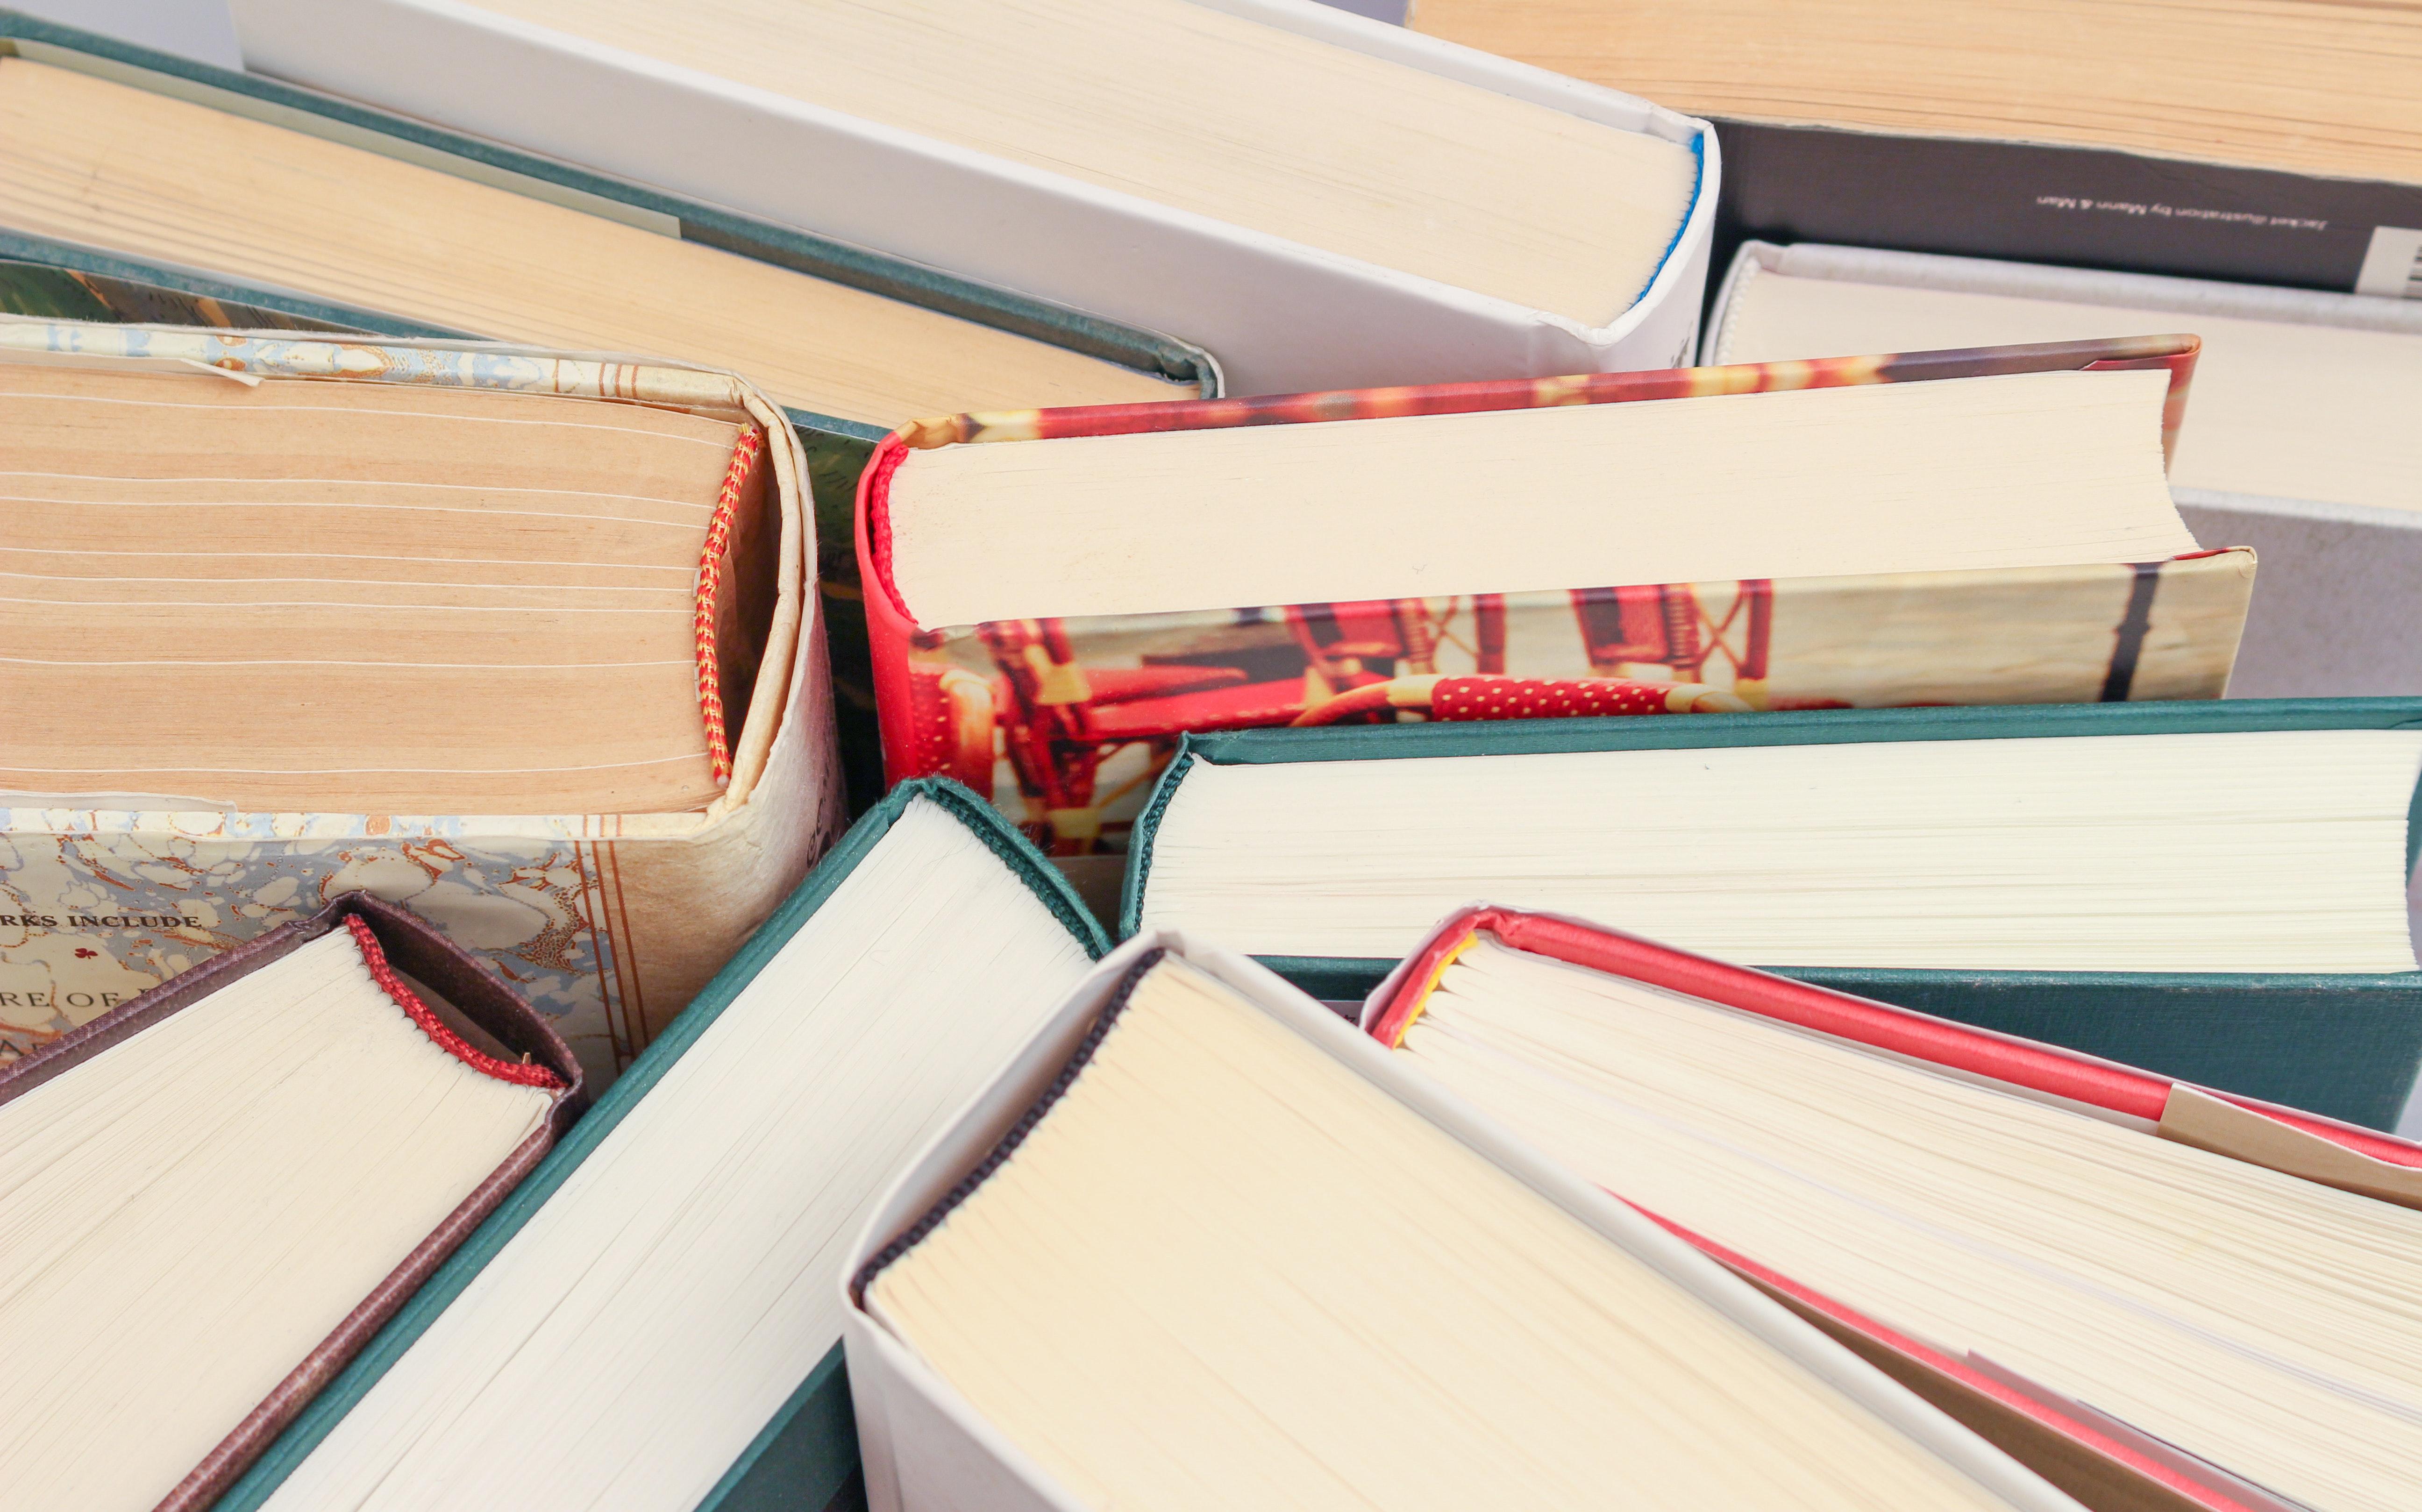 עם אילו שירותי הוצאת ספרים כדאי להיעזר באנשי מקצוע?